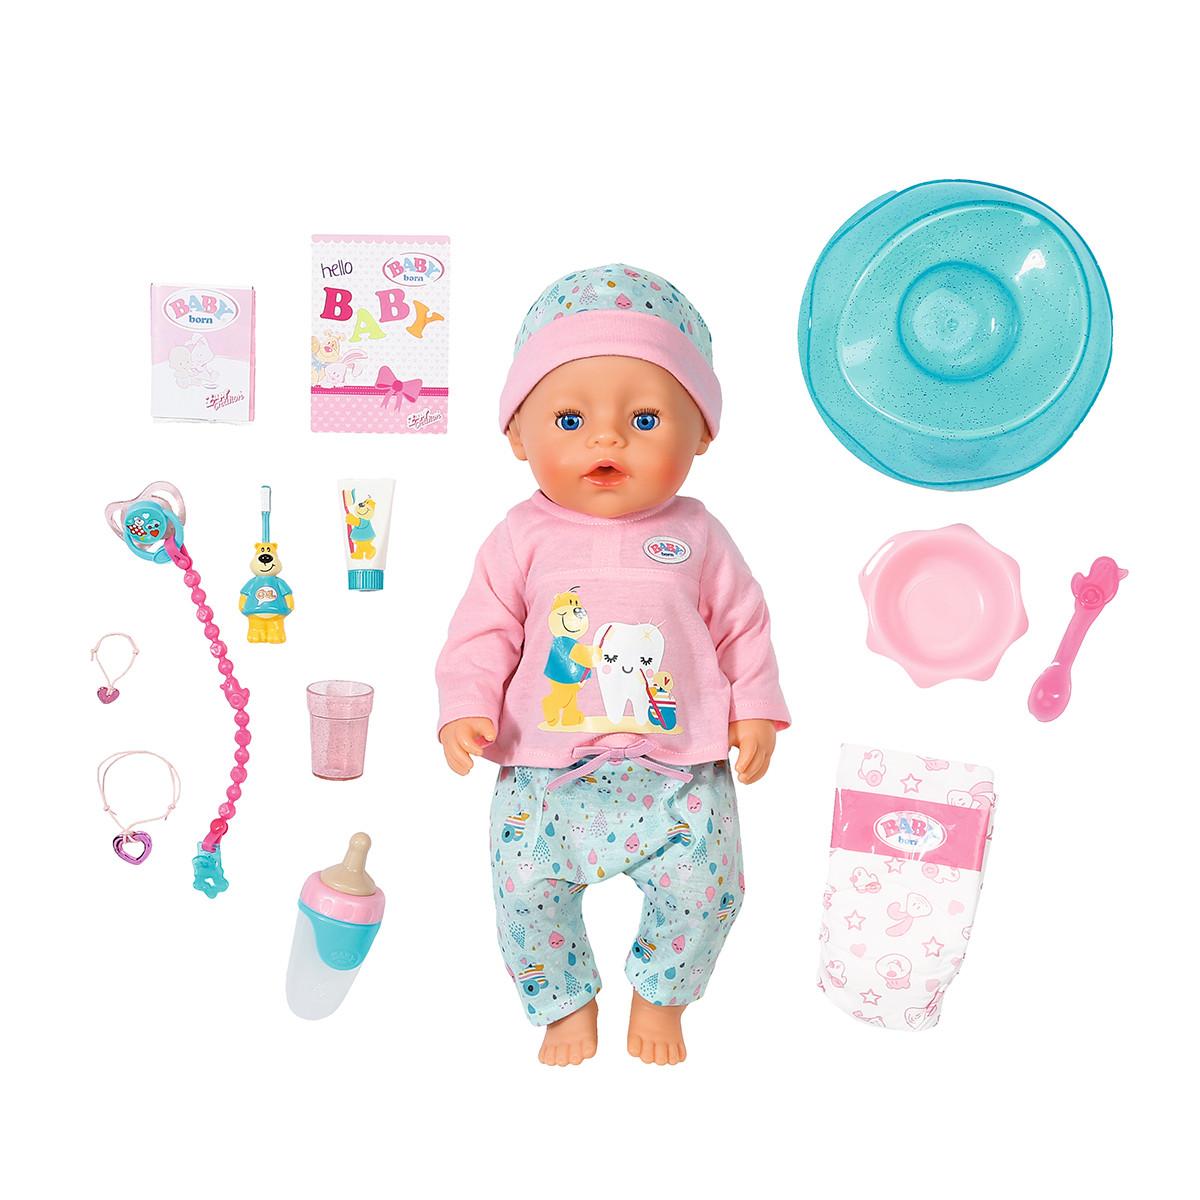 Кукла Baby Born Утренняя звездочка - серии Нежные объятия, 827086